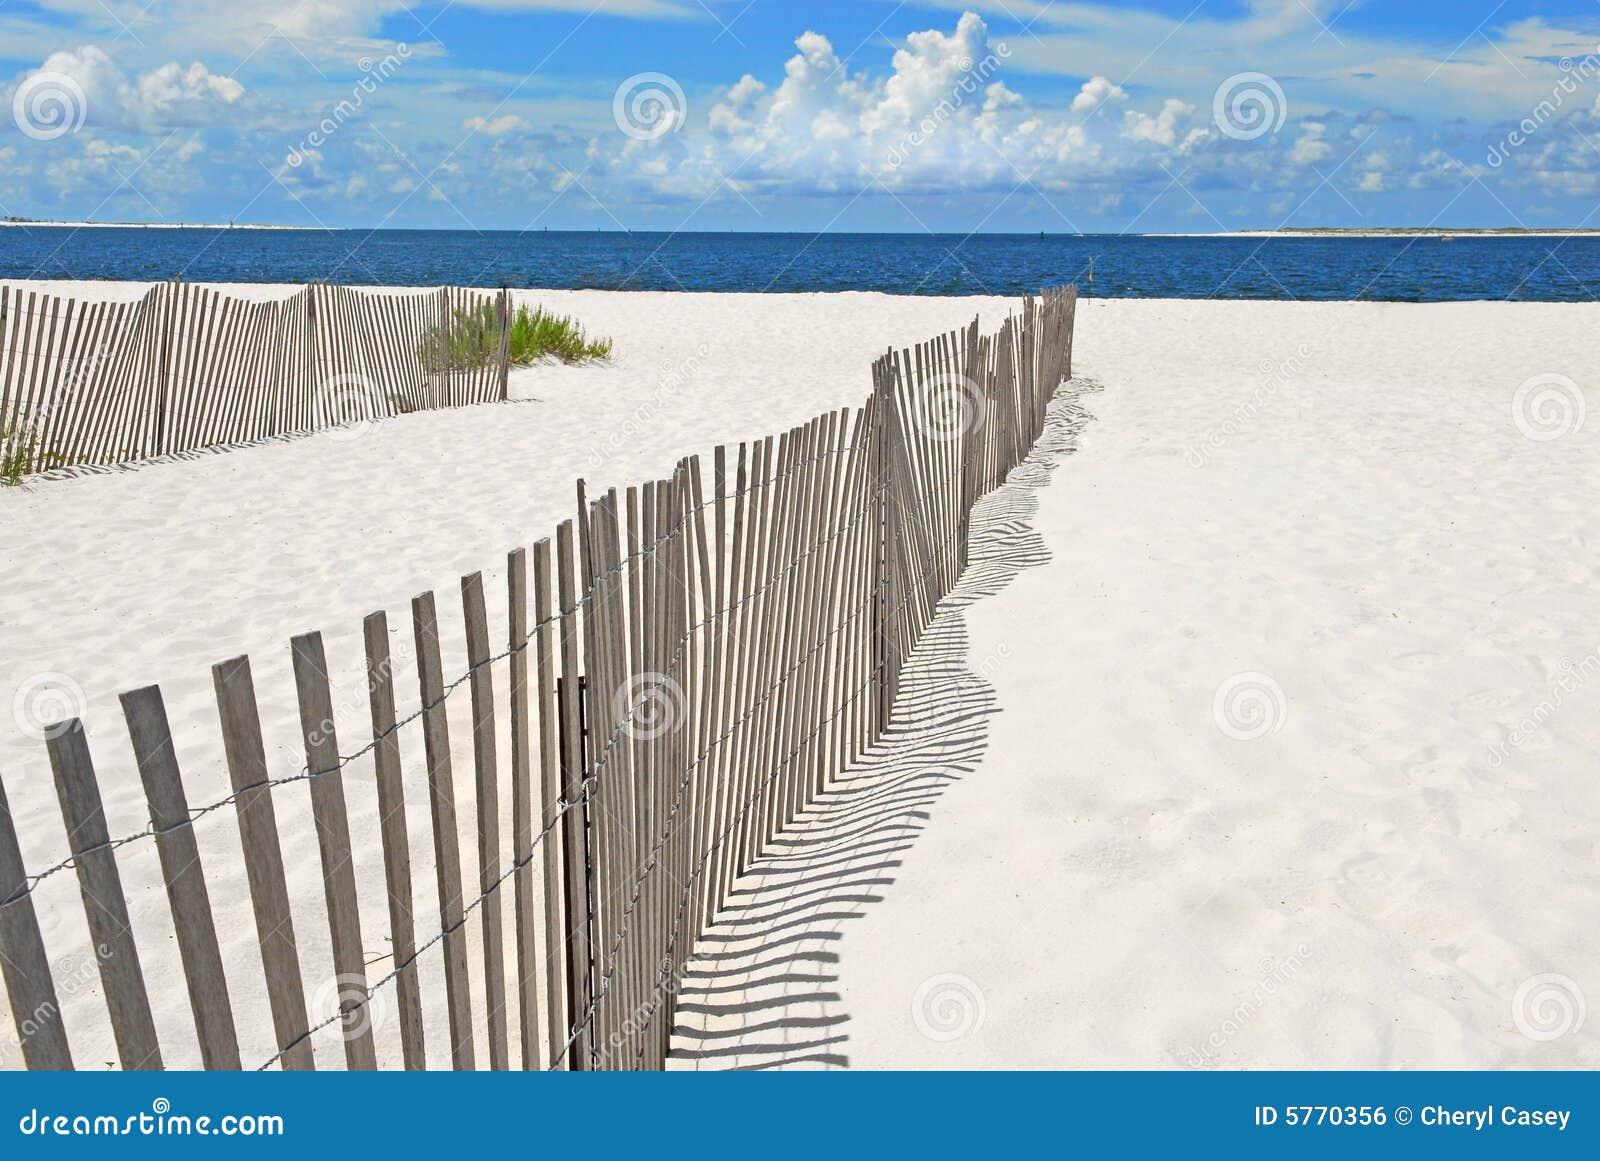 Sand Dune Fences On Beach Royalty Free Stock Image - Image ...